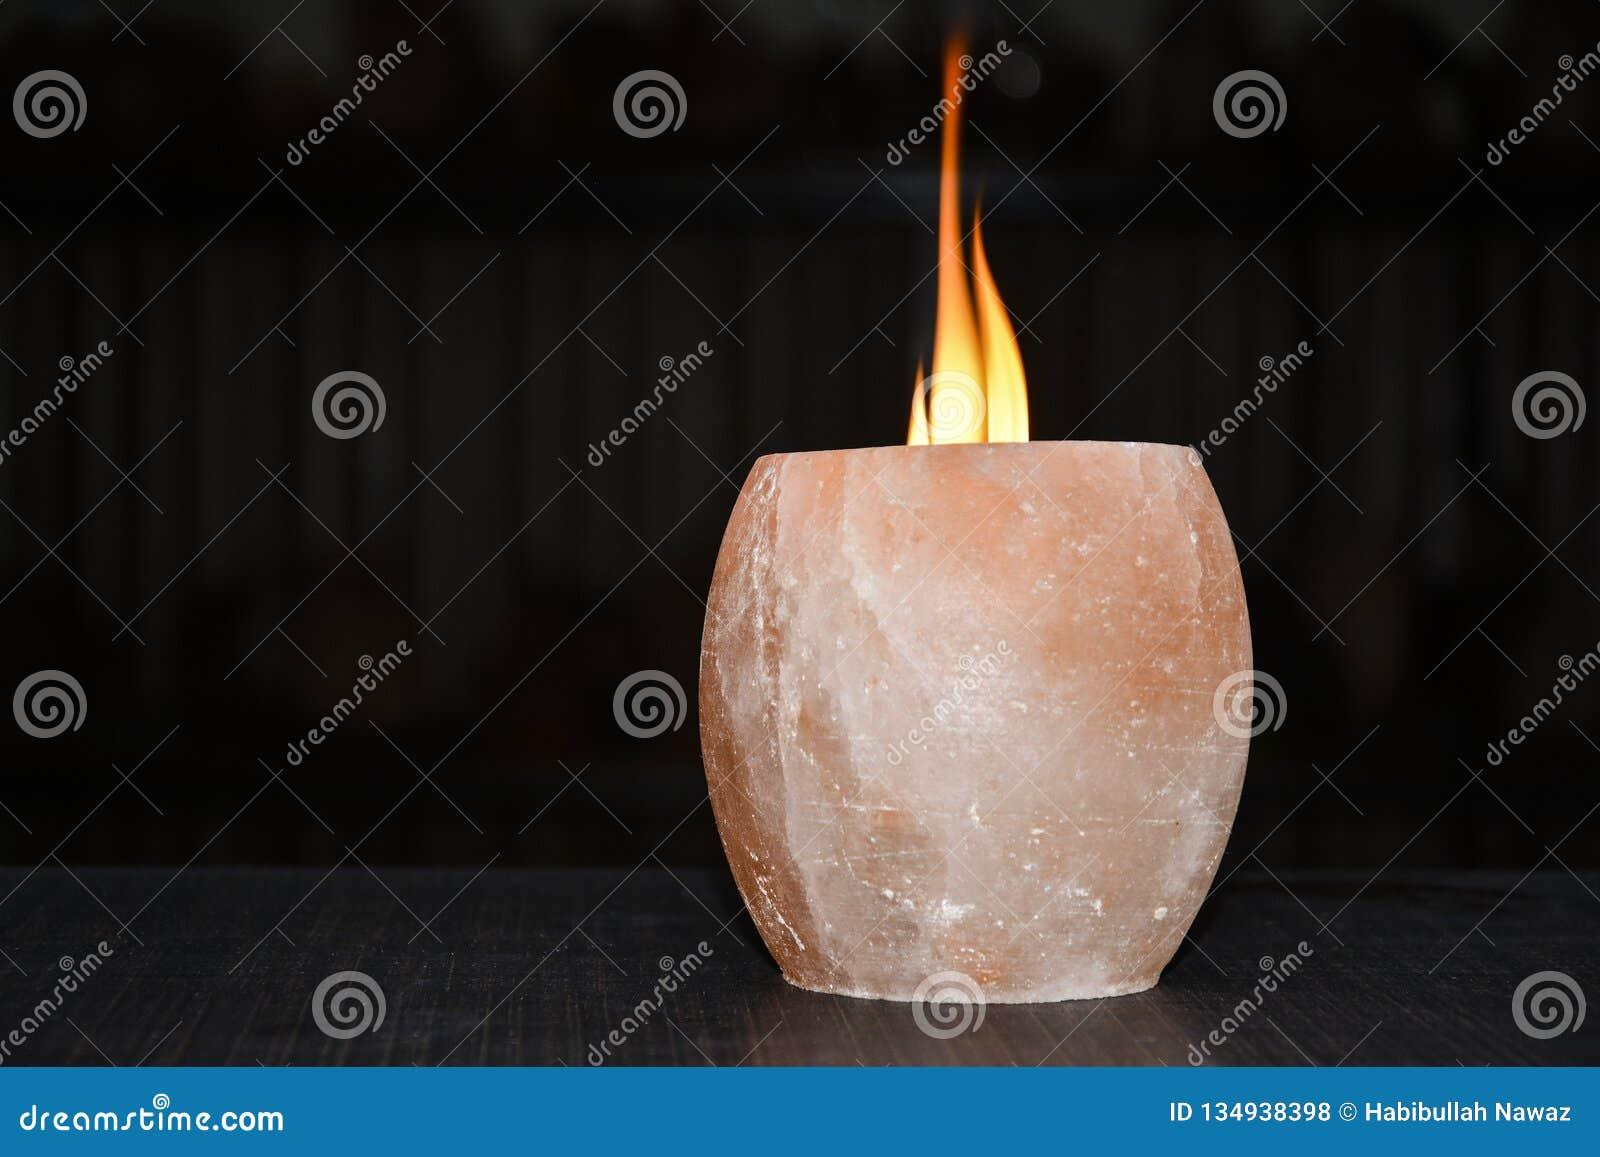 Himalayan Salt Lamp Candle Holder Stock Photo Image Of